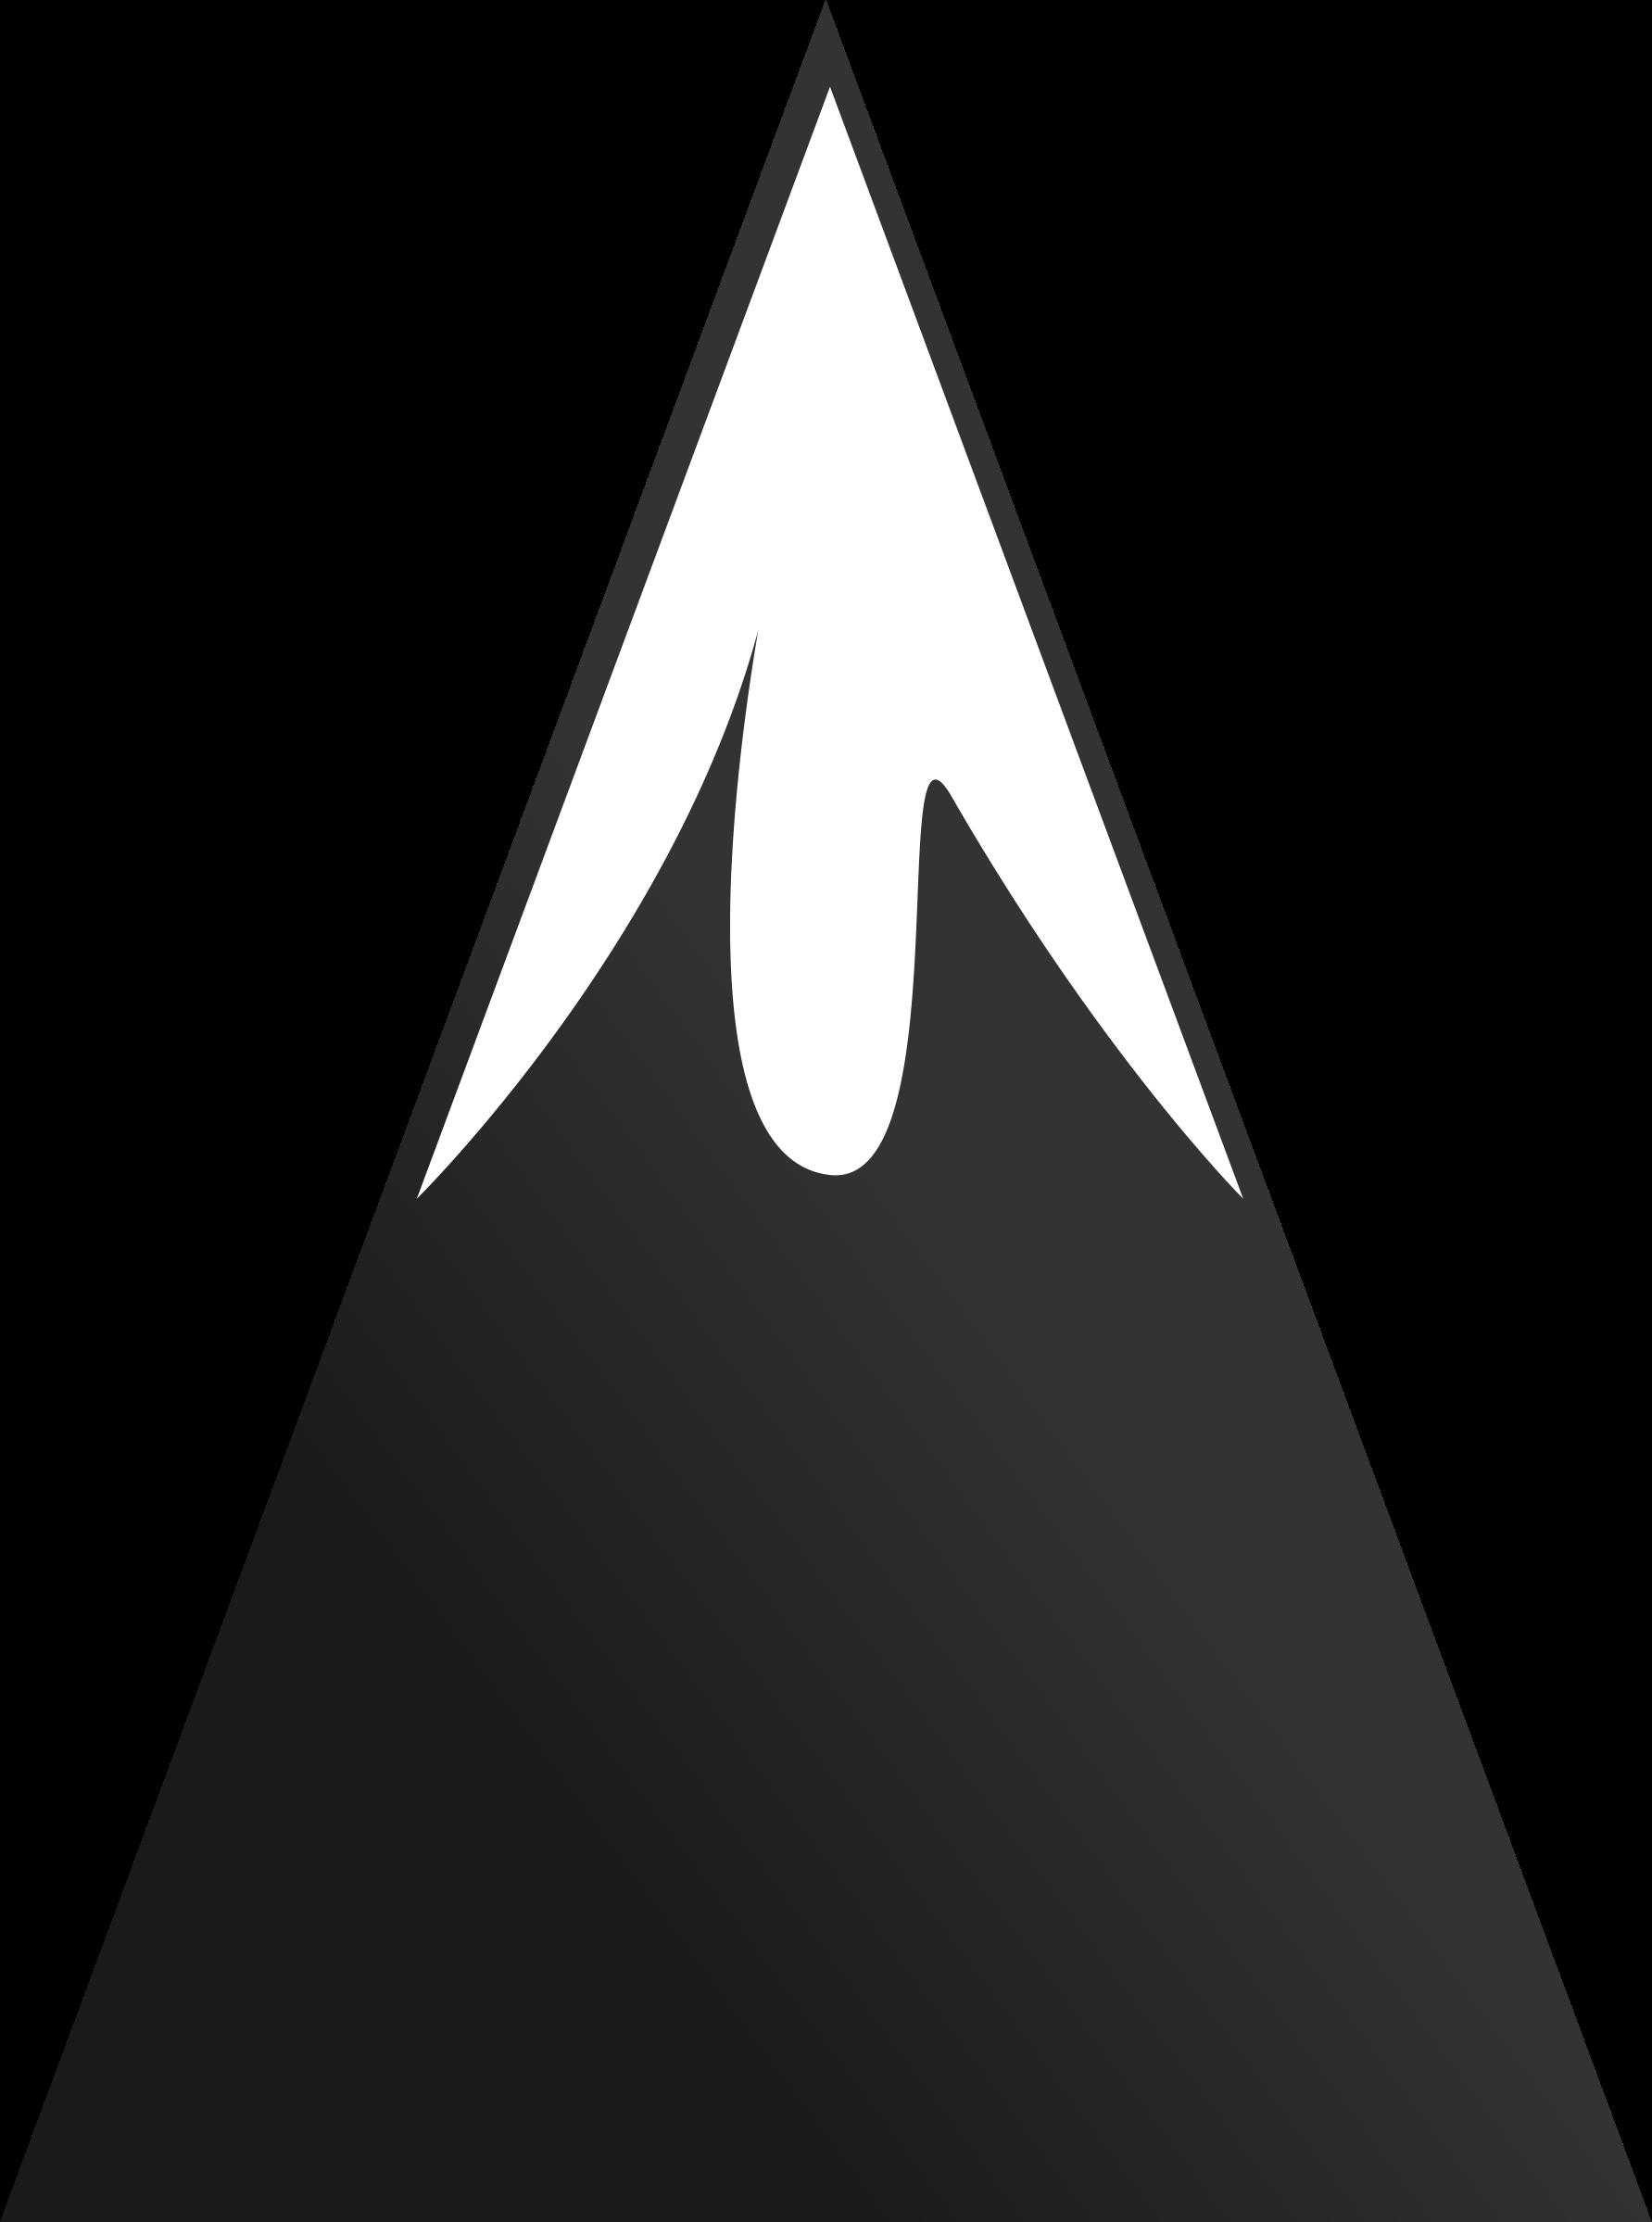 Mountain Clip Art At Vector Clip Art Ima-Mountain clip art at vector clip art image 8-2